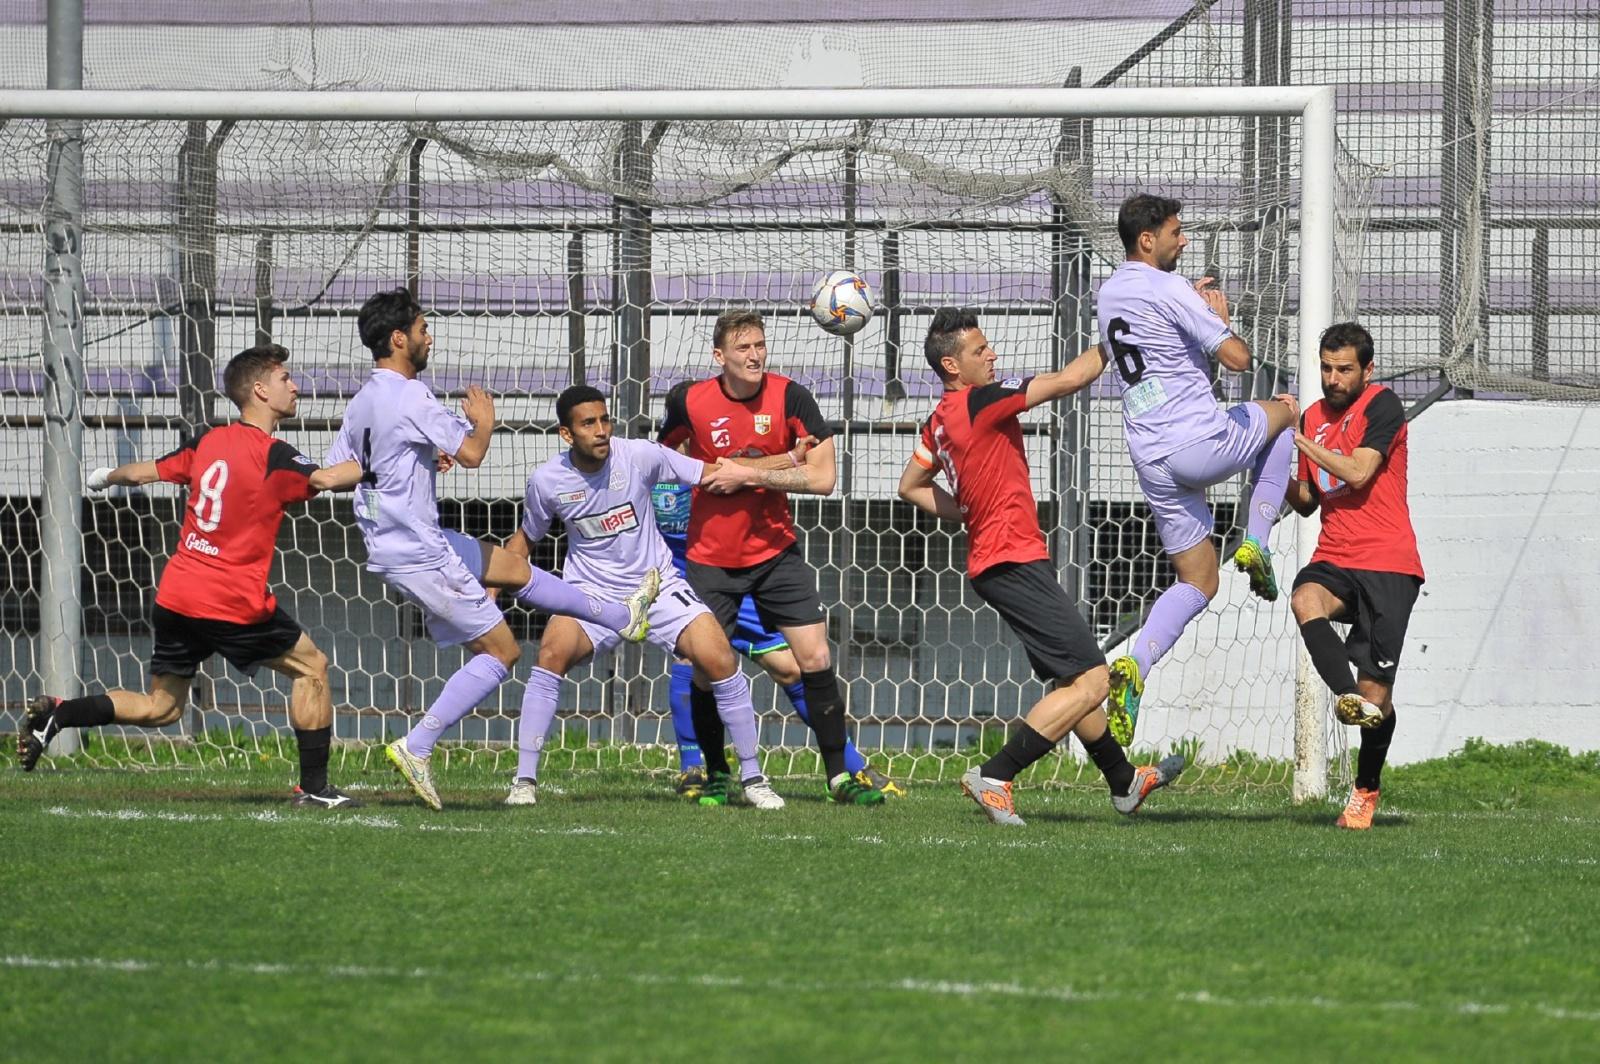 AC Legnano vs. Oltrepo Voghera